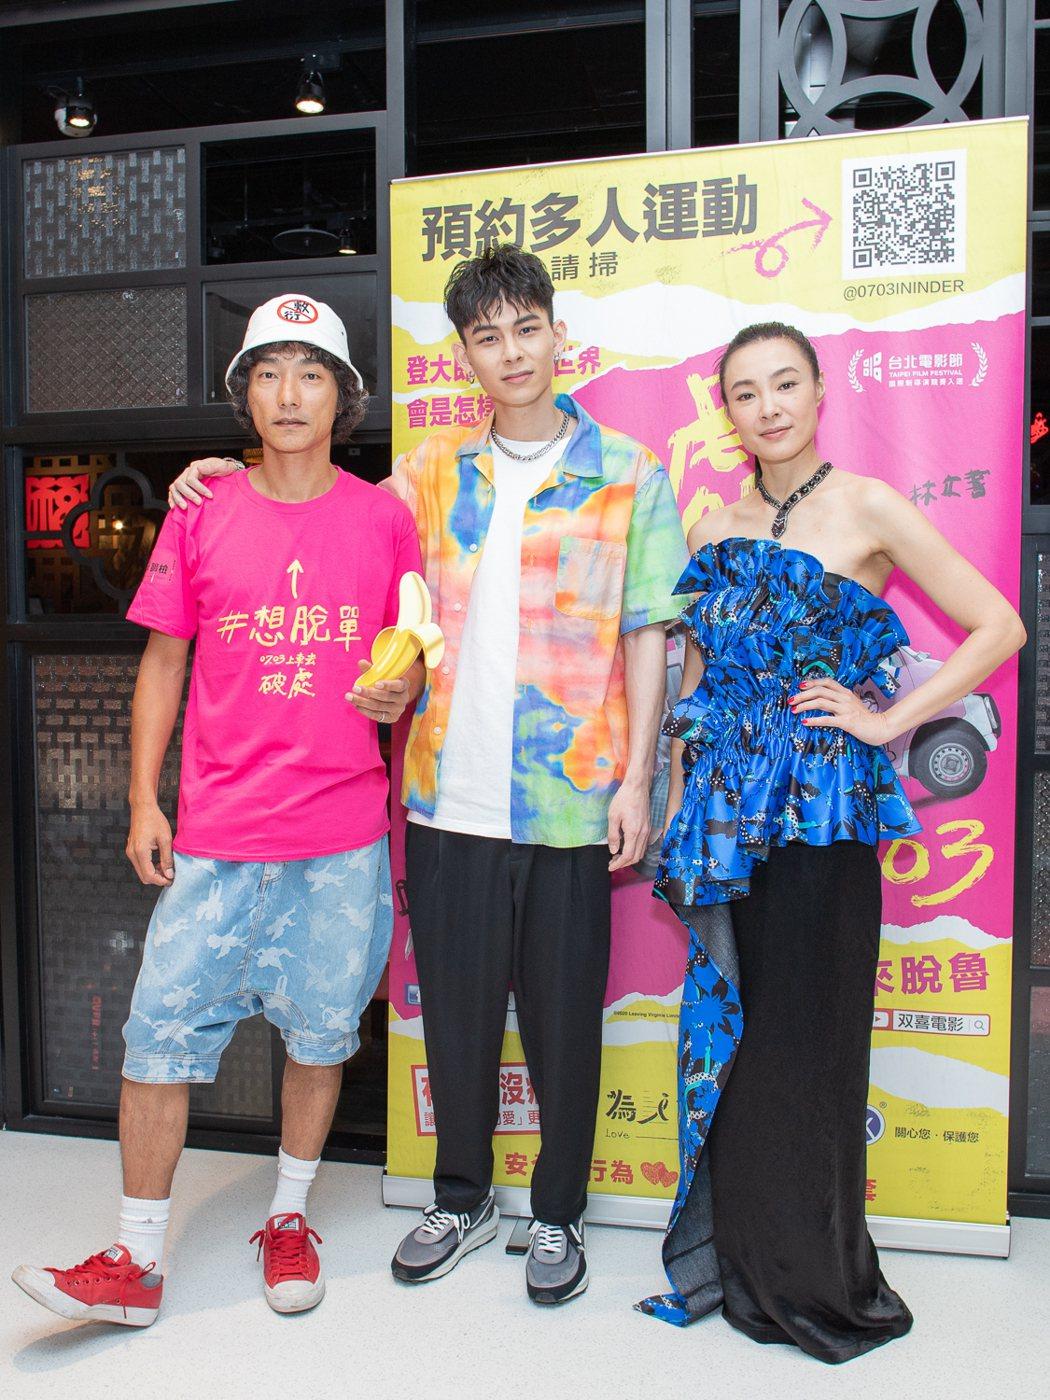 「破處」導演林立書(左起)與主角楊懿軒、曾珮瑜不避談片中的性愛元素。圖/双喜提供